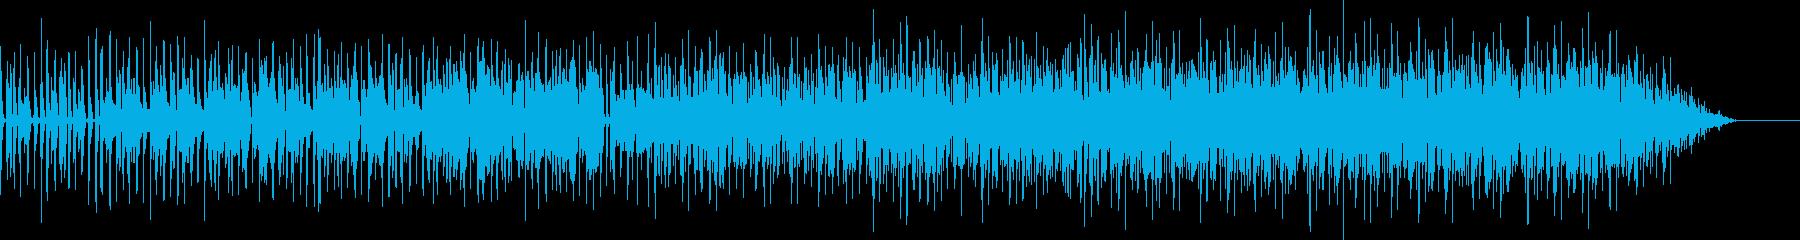 ベースラインのかっこいいオシャレR&Bの再生済みの波形